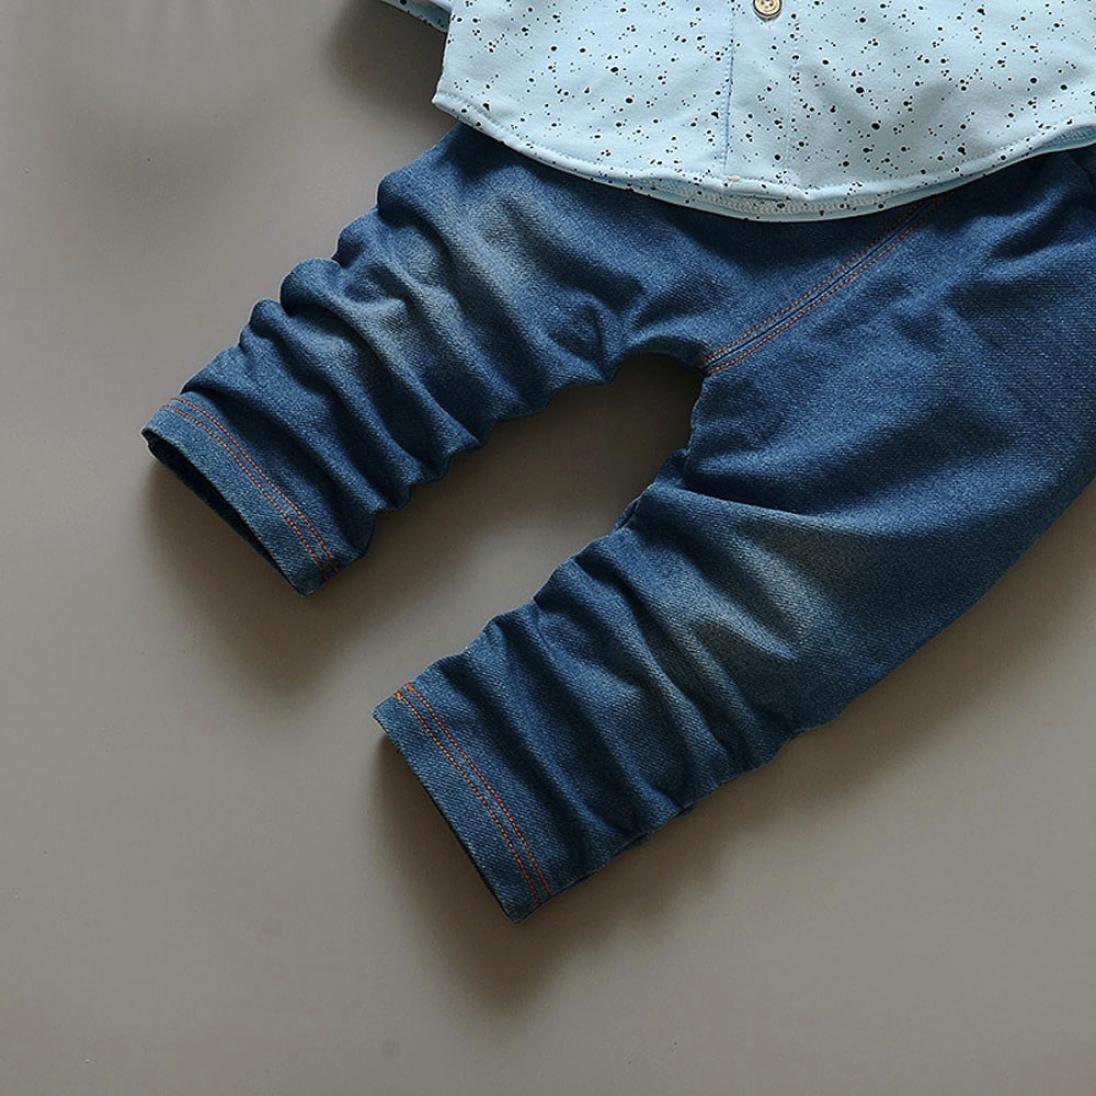 Beb/é ni/ños peque/ño de impresi/ón Tops Pantalones Ropa Conjuntos 0-24 Mes Mono Beb/é